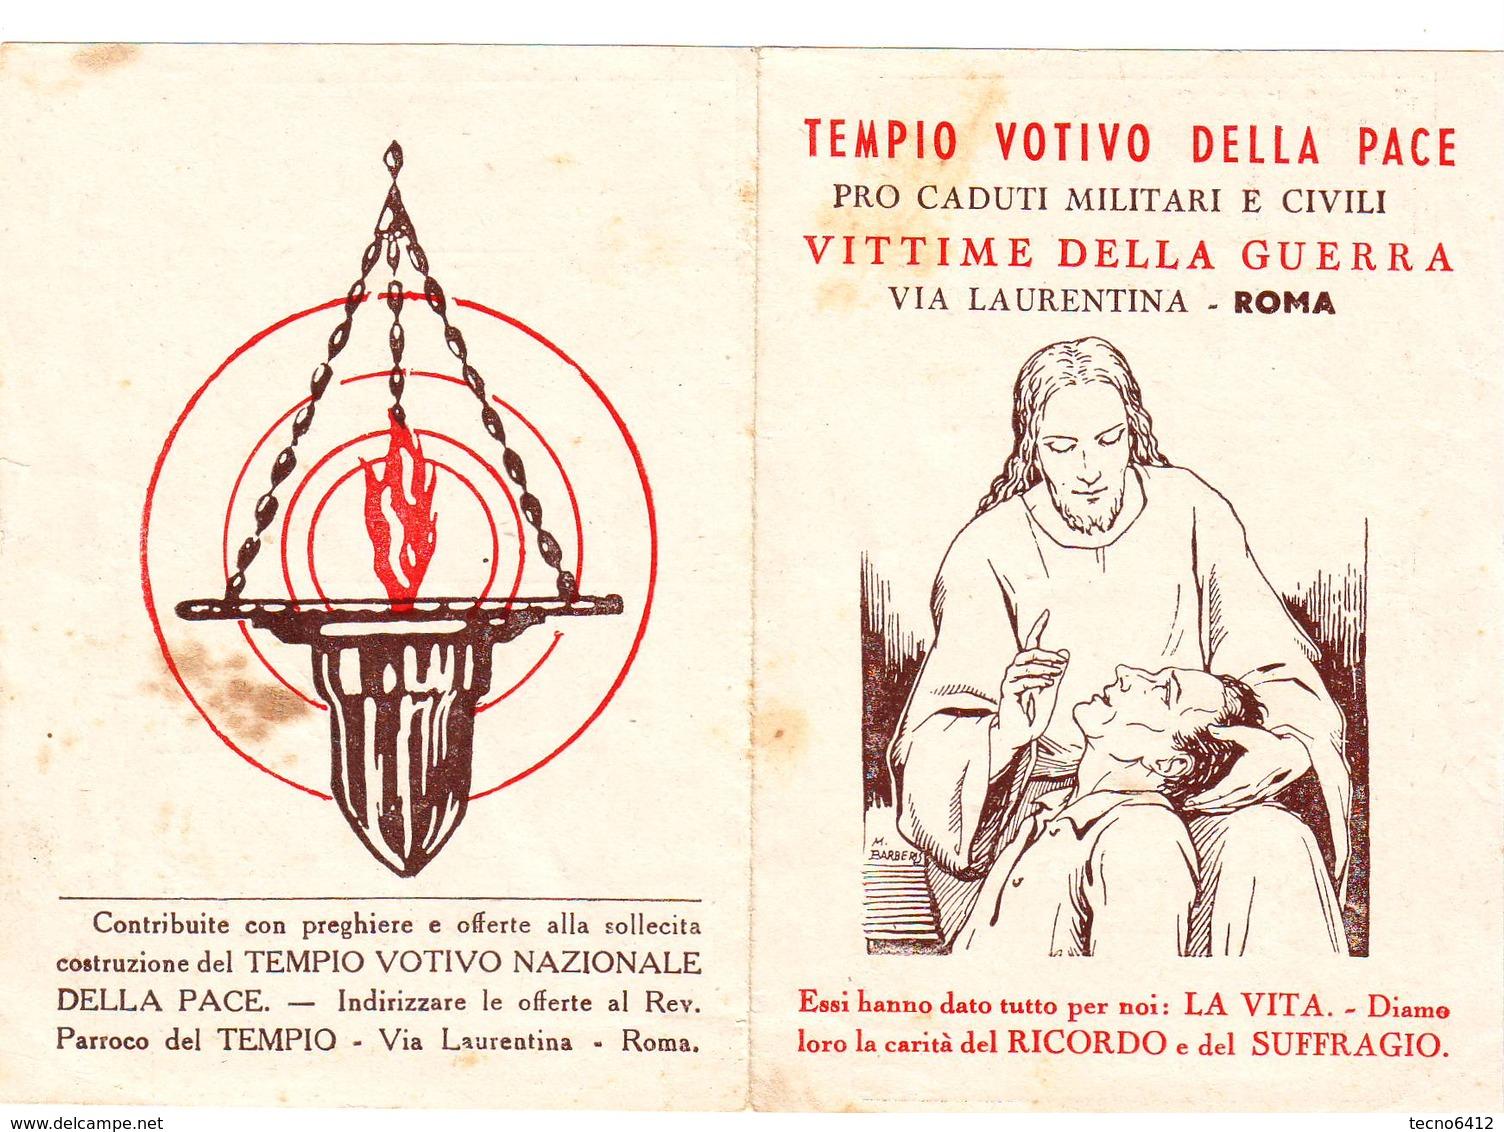 Calendarietto Tascabile Tempio Votivo Della Pace 1949 - Calendriers